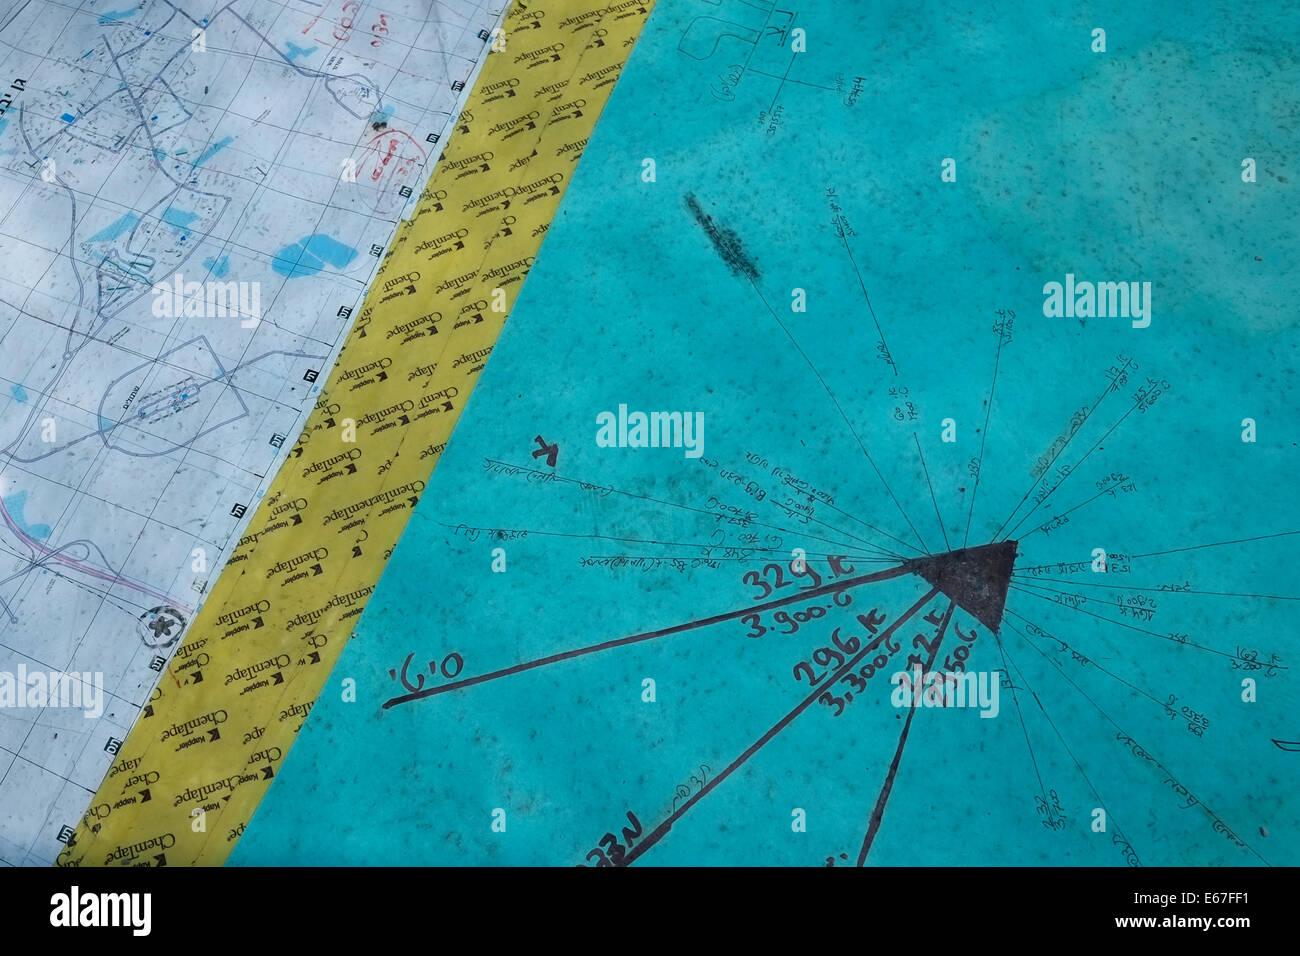 Un vettore militare grafico con mappa presso i militari israeliani osservazione post vicino alla città di Ashdod Immagini Stock